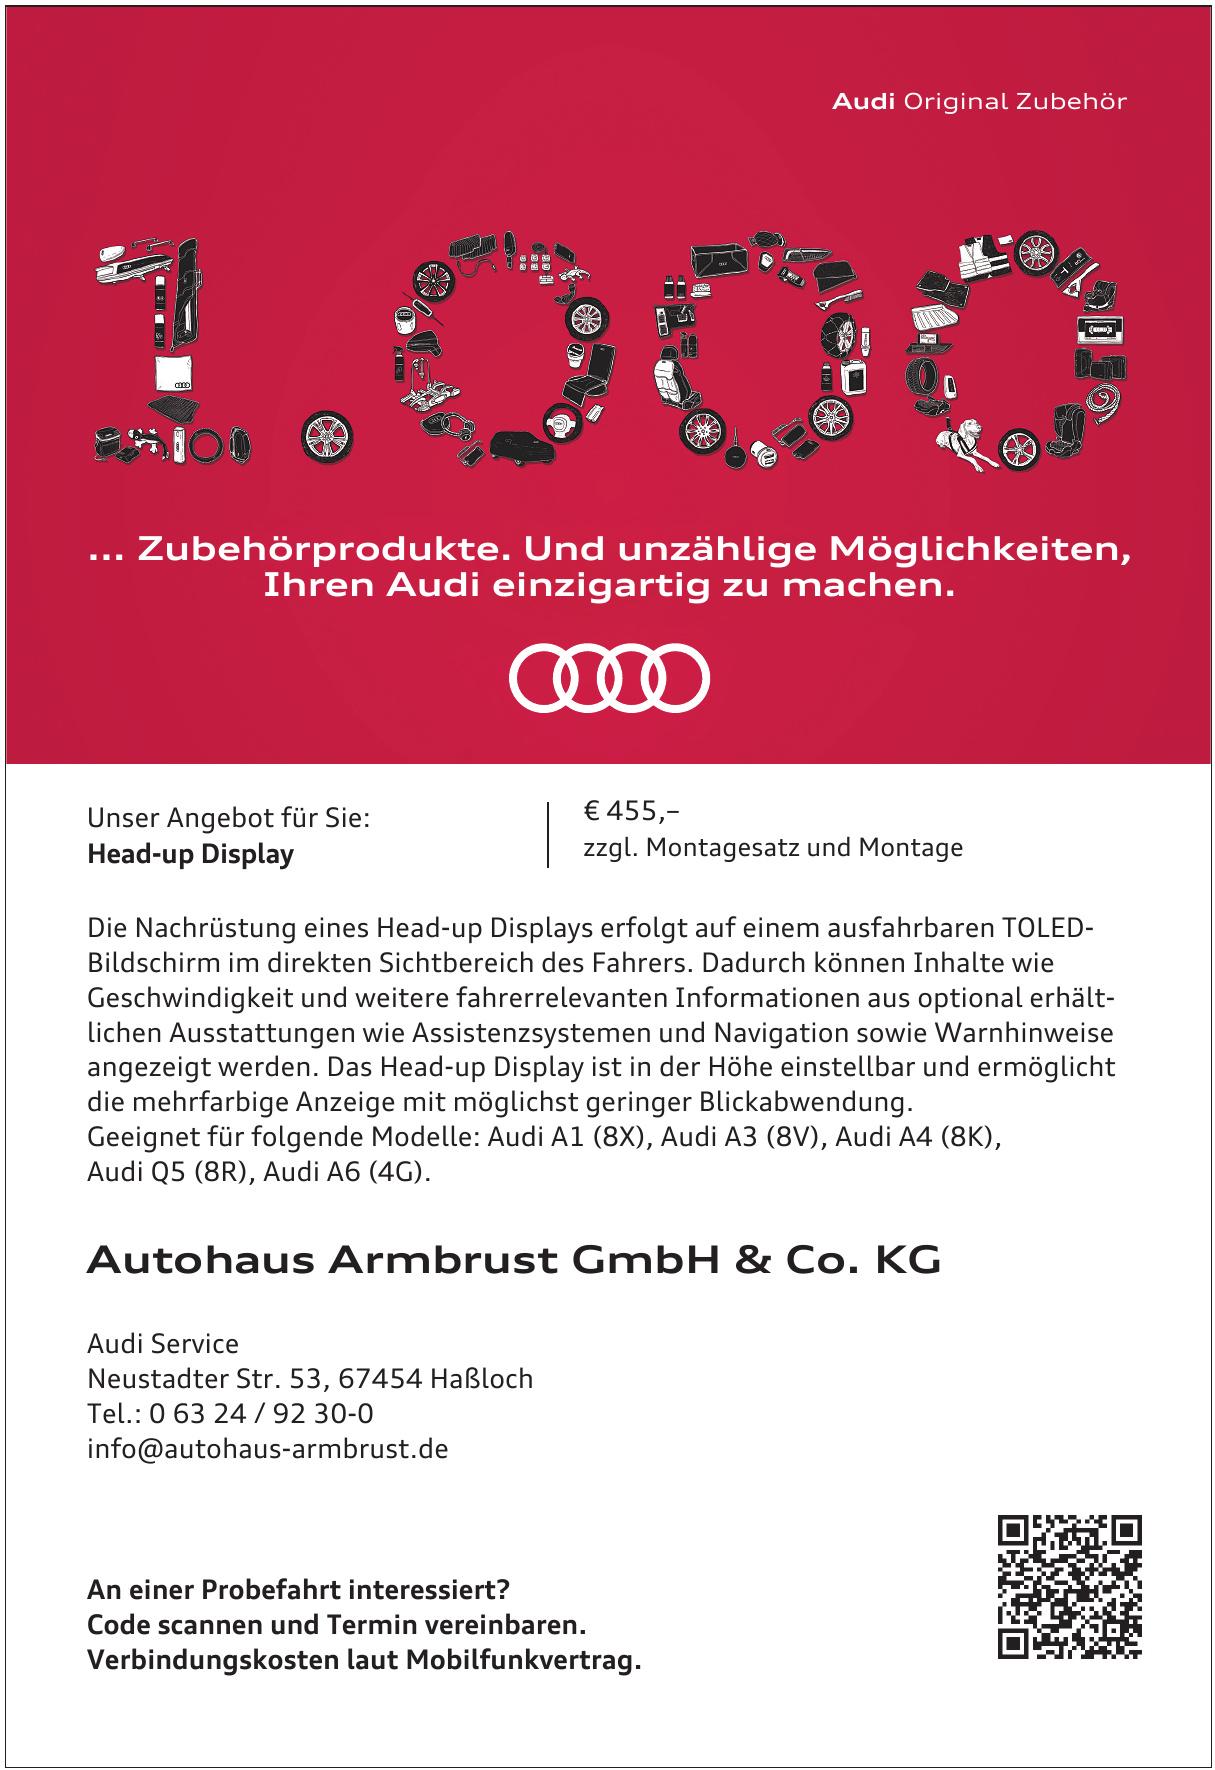 Autohaus Armbrust GmbH & Co. KG